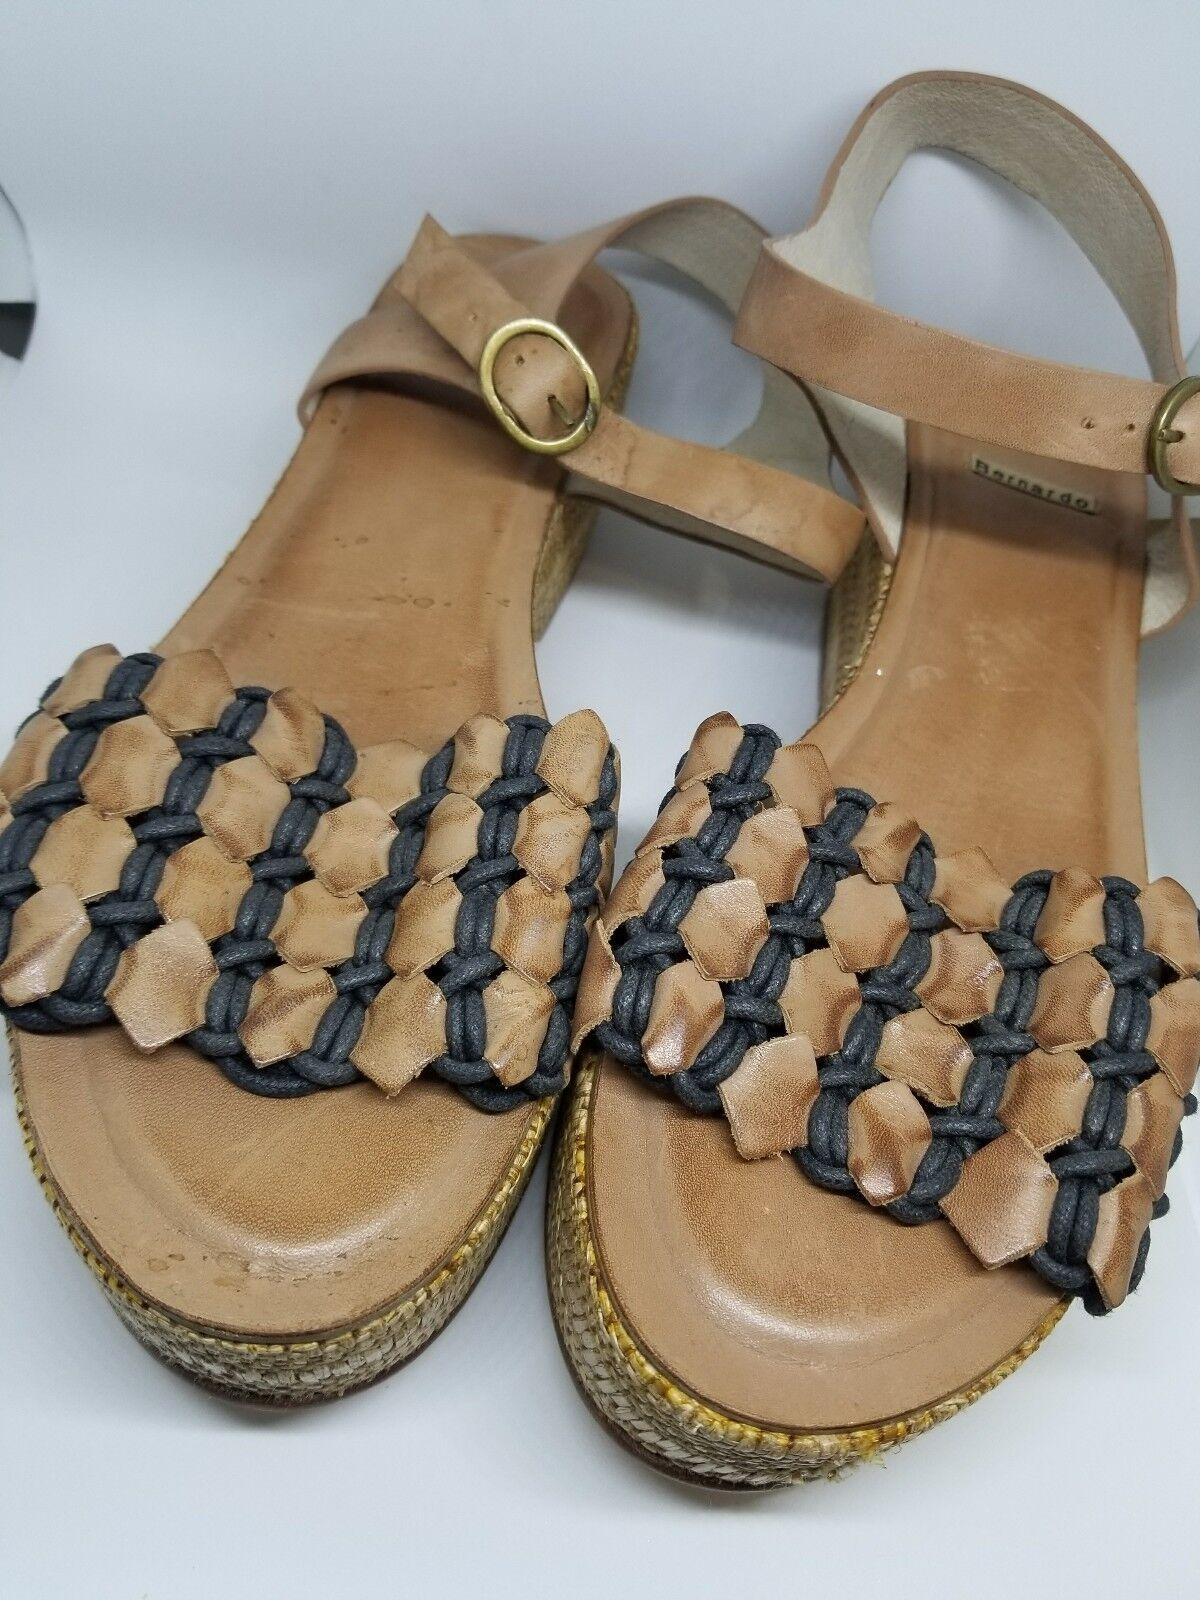 NAOT 39 Women�s NEW NWOB Slip On Velcro Platform Sandals Black Brown